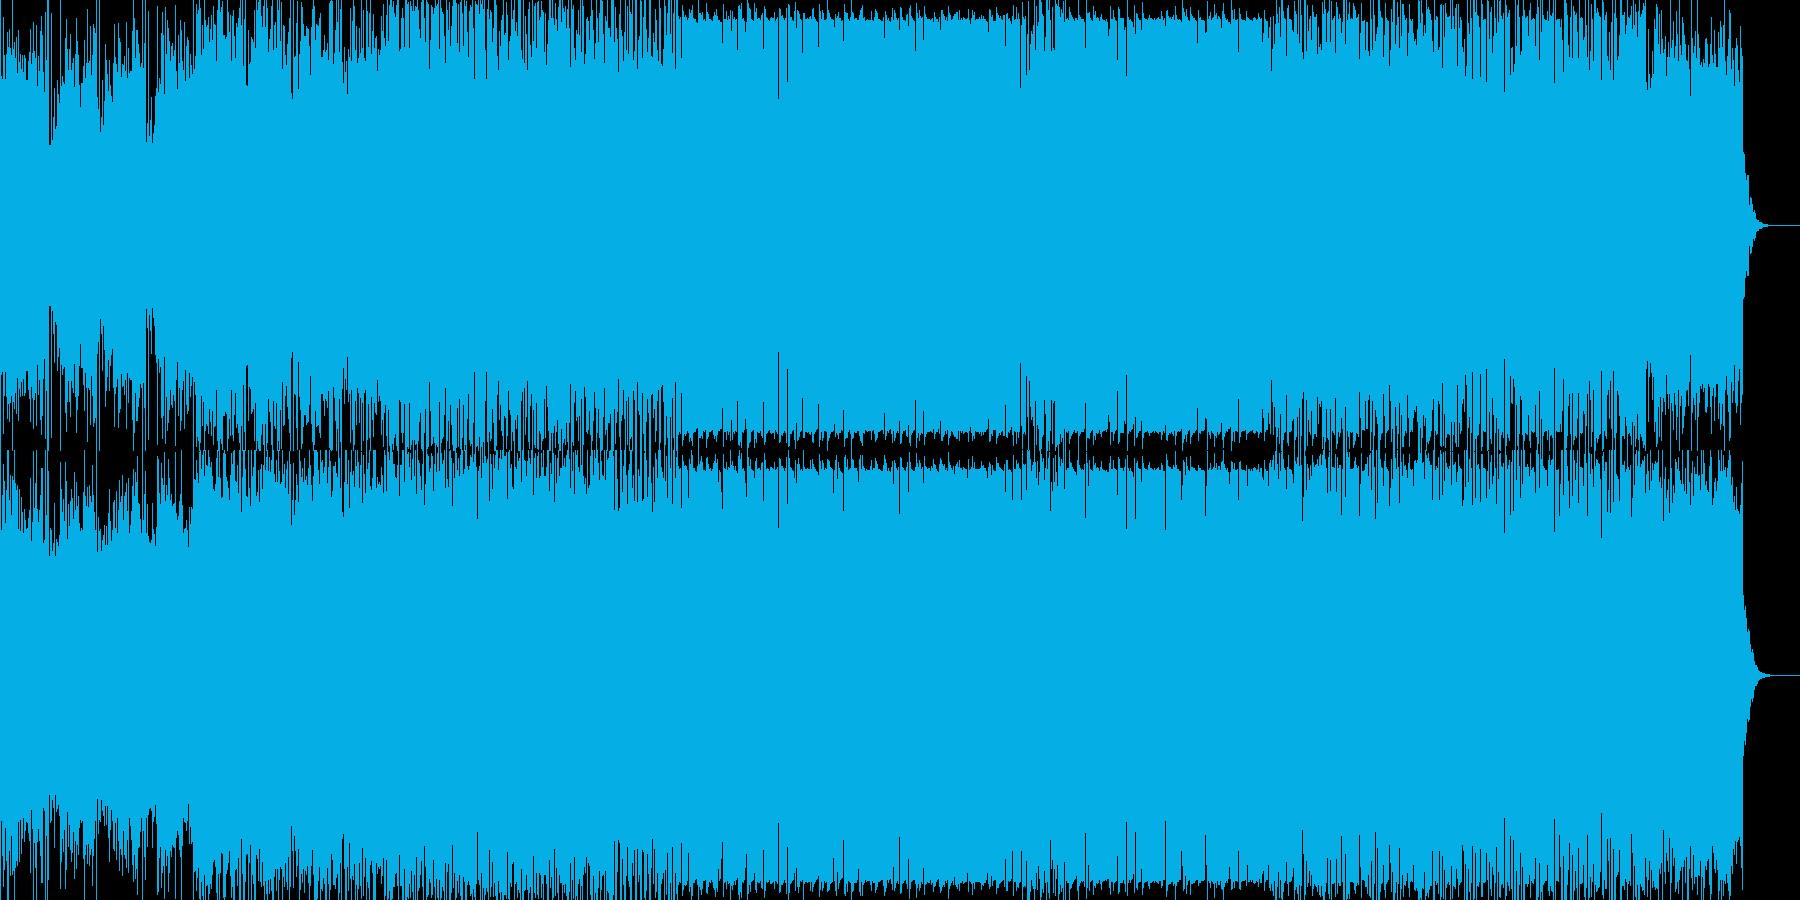 枯葉舞い落ちるイメージのデジタルサウンドの再生済みの波形